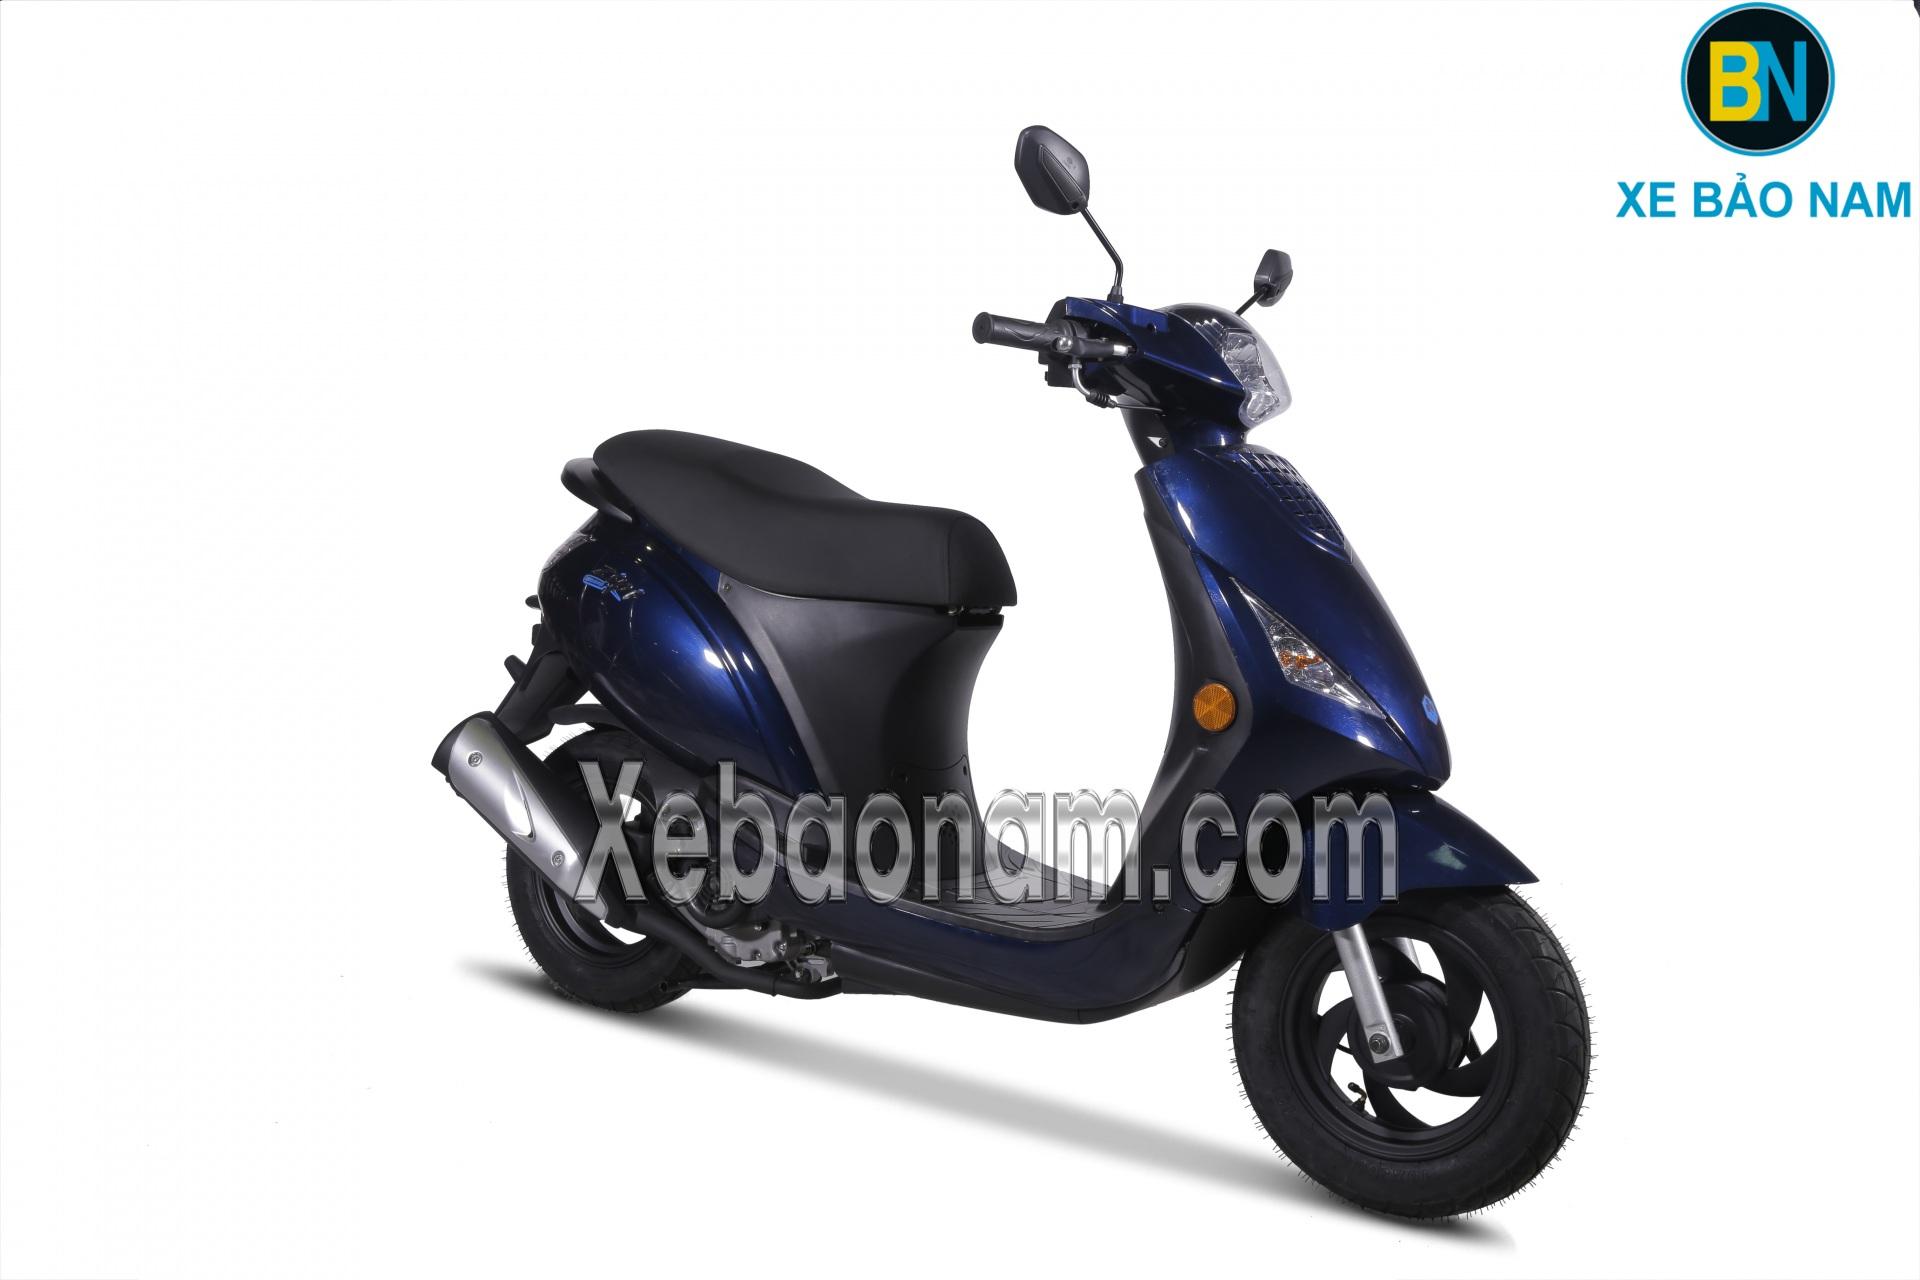 xe-ga-zip-50cc-mau-xanh-cuu-long-hoc-sinh